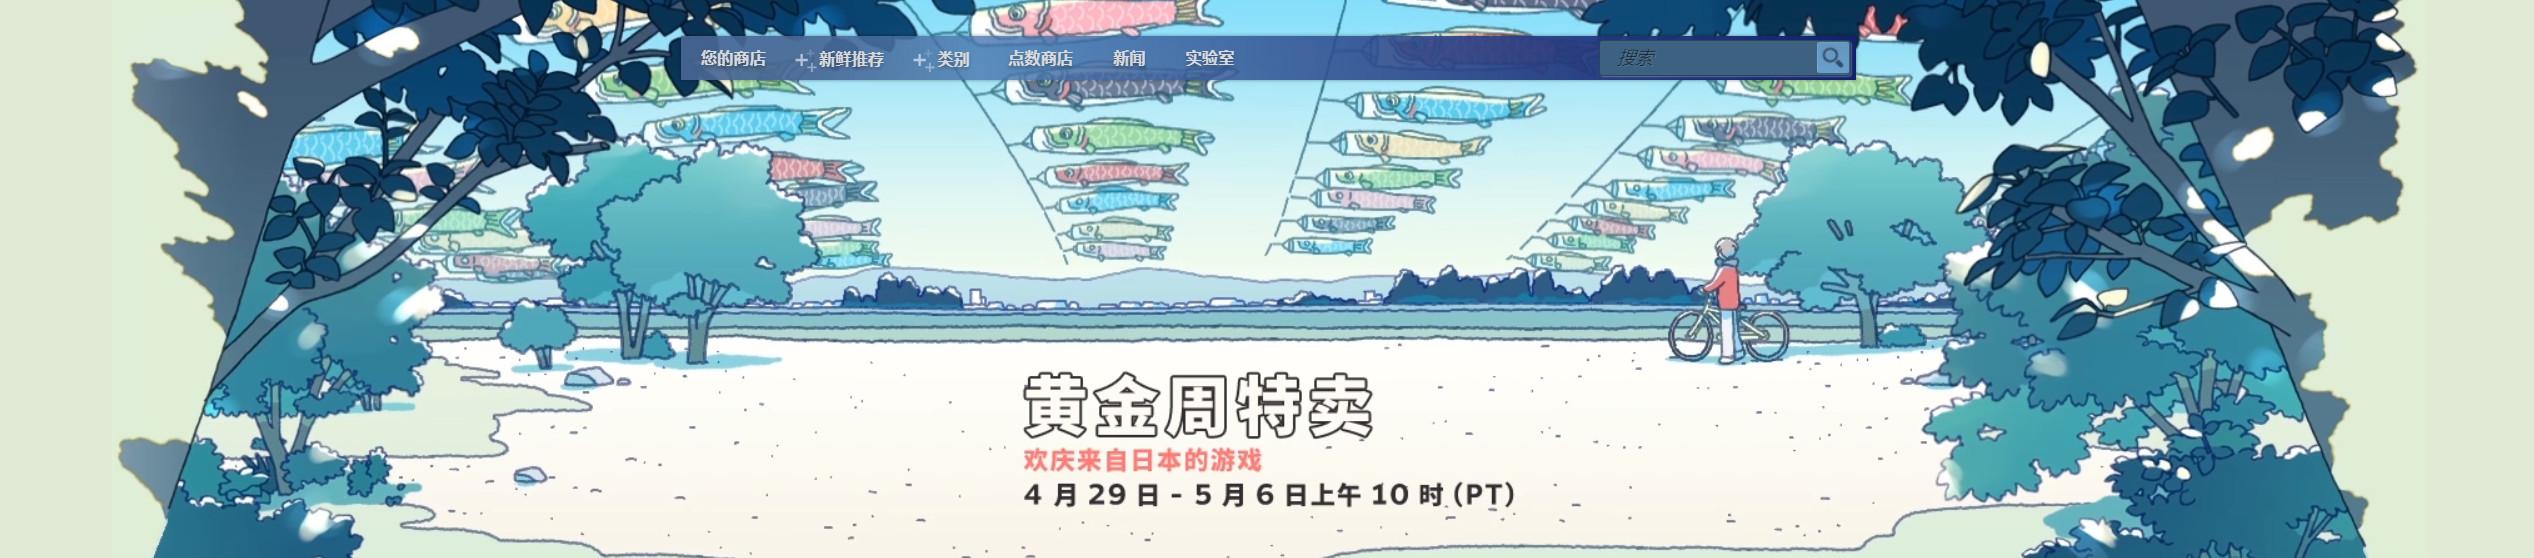 Steam日本黄金周特卖开启《鬼泣5》8折促销